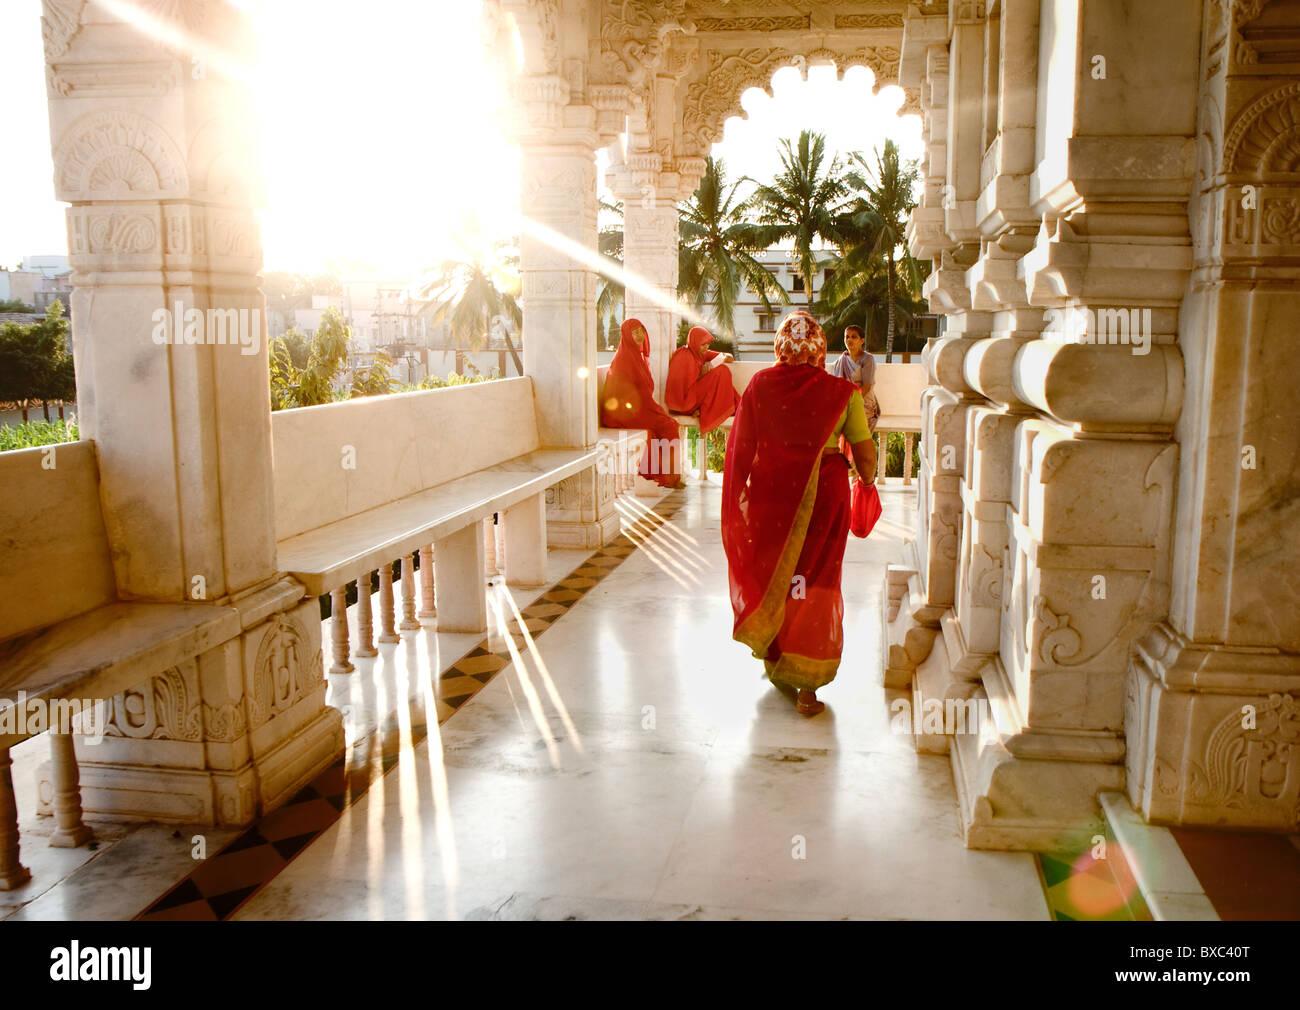 Schöne Landschaft in einem Tempel in Mandvi, Gujarat, Indien Stockbild